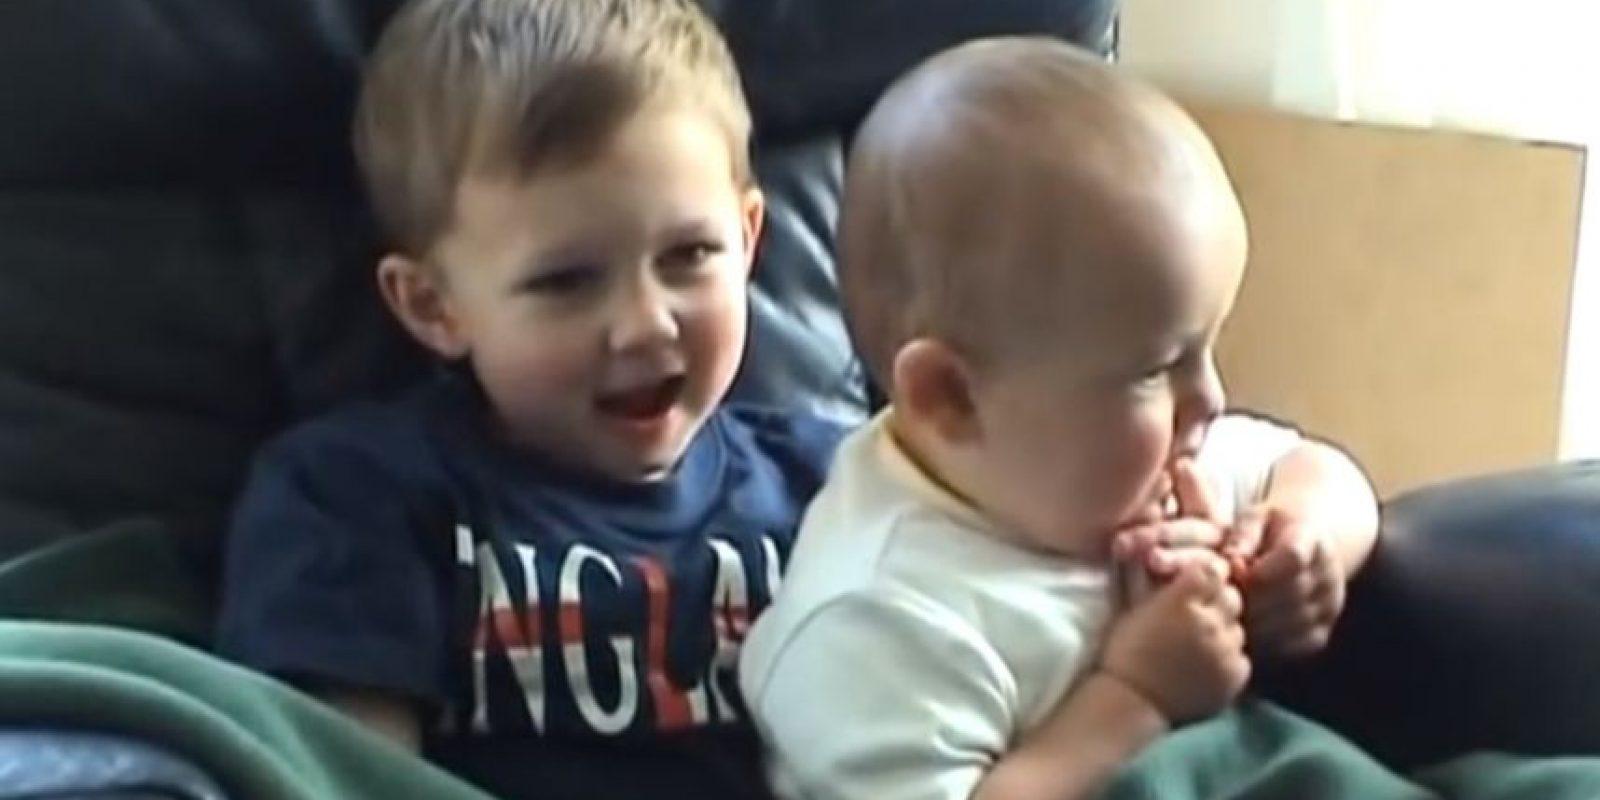 Los hermanos Harry y Charlie Blogging. Foto:YouTube